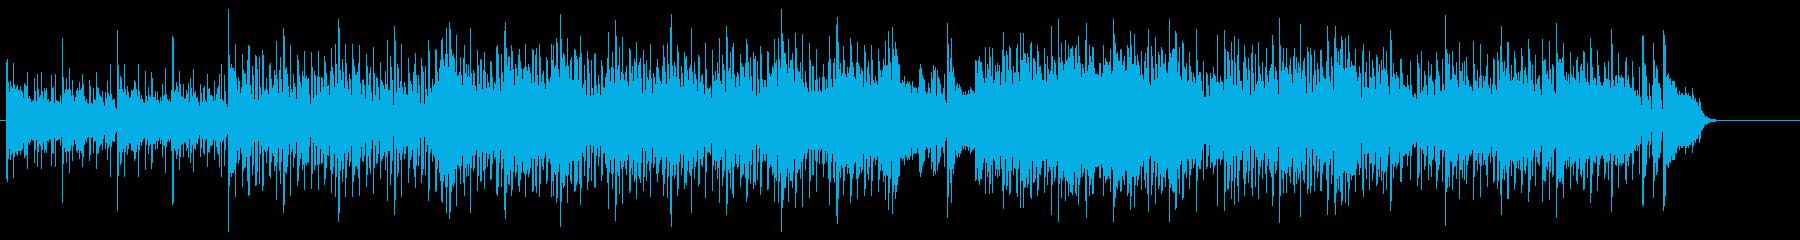 シックで落ち着いたスロー・ポップスの再生済みの波形